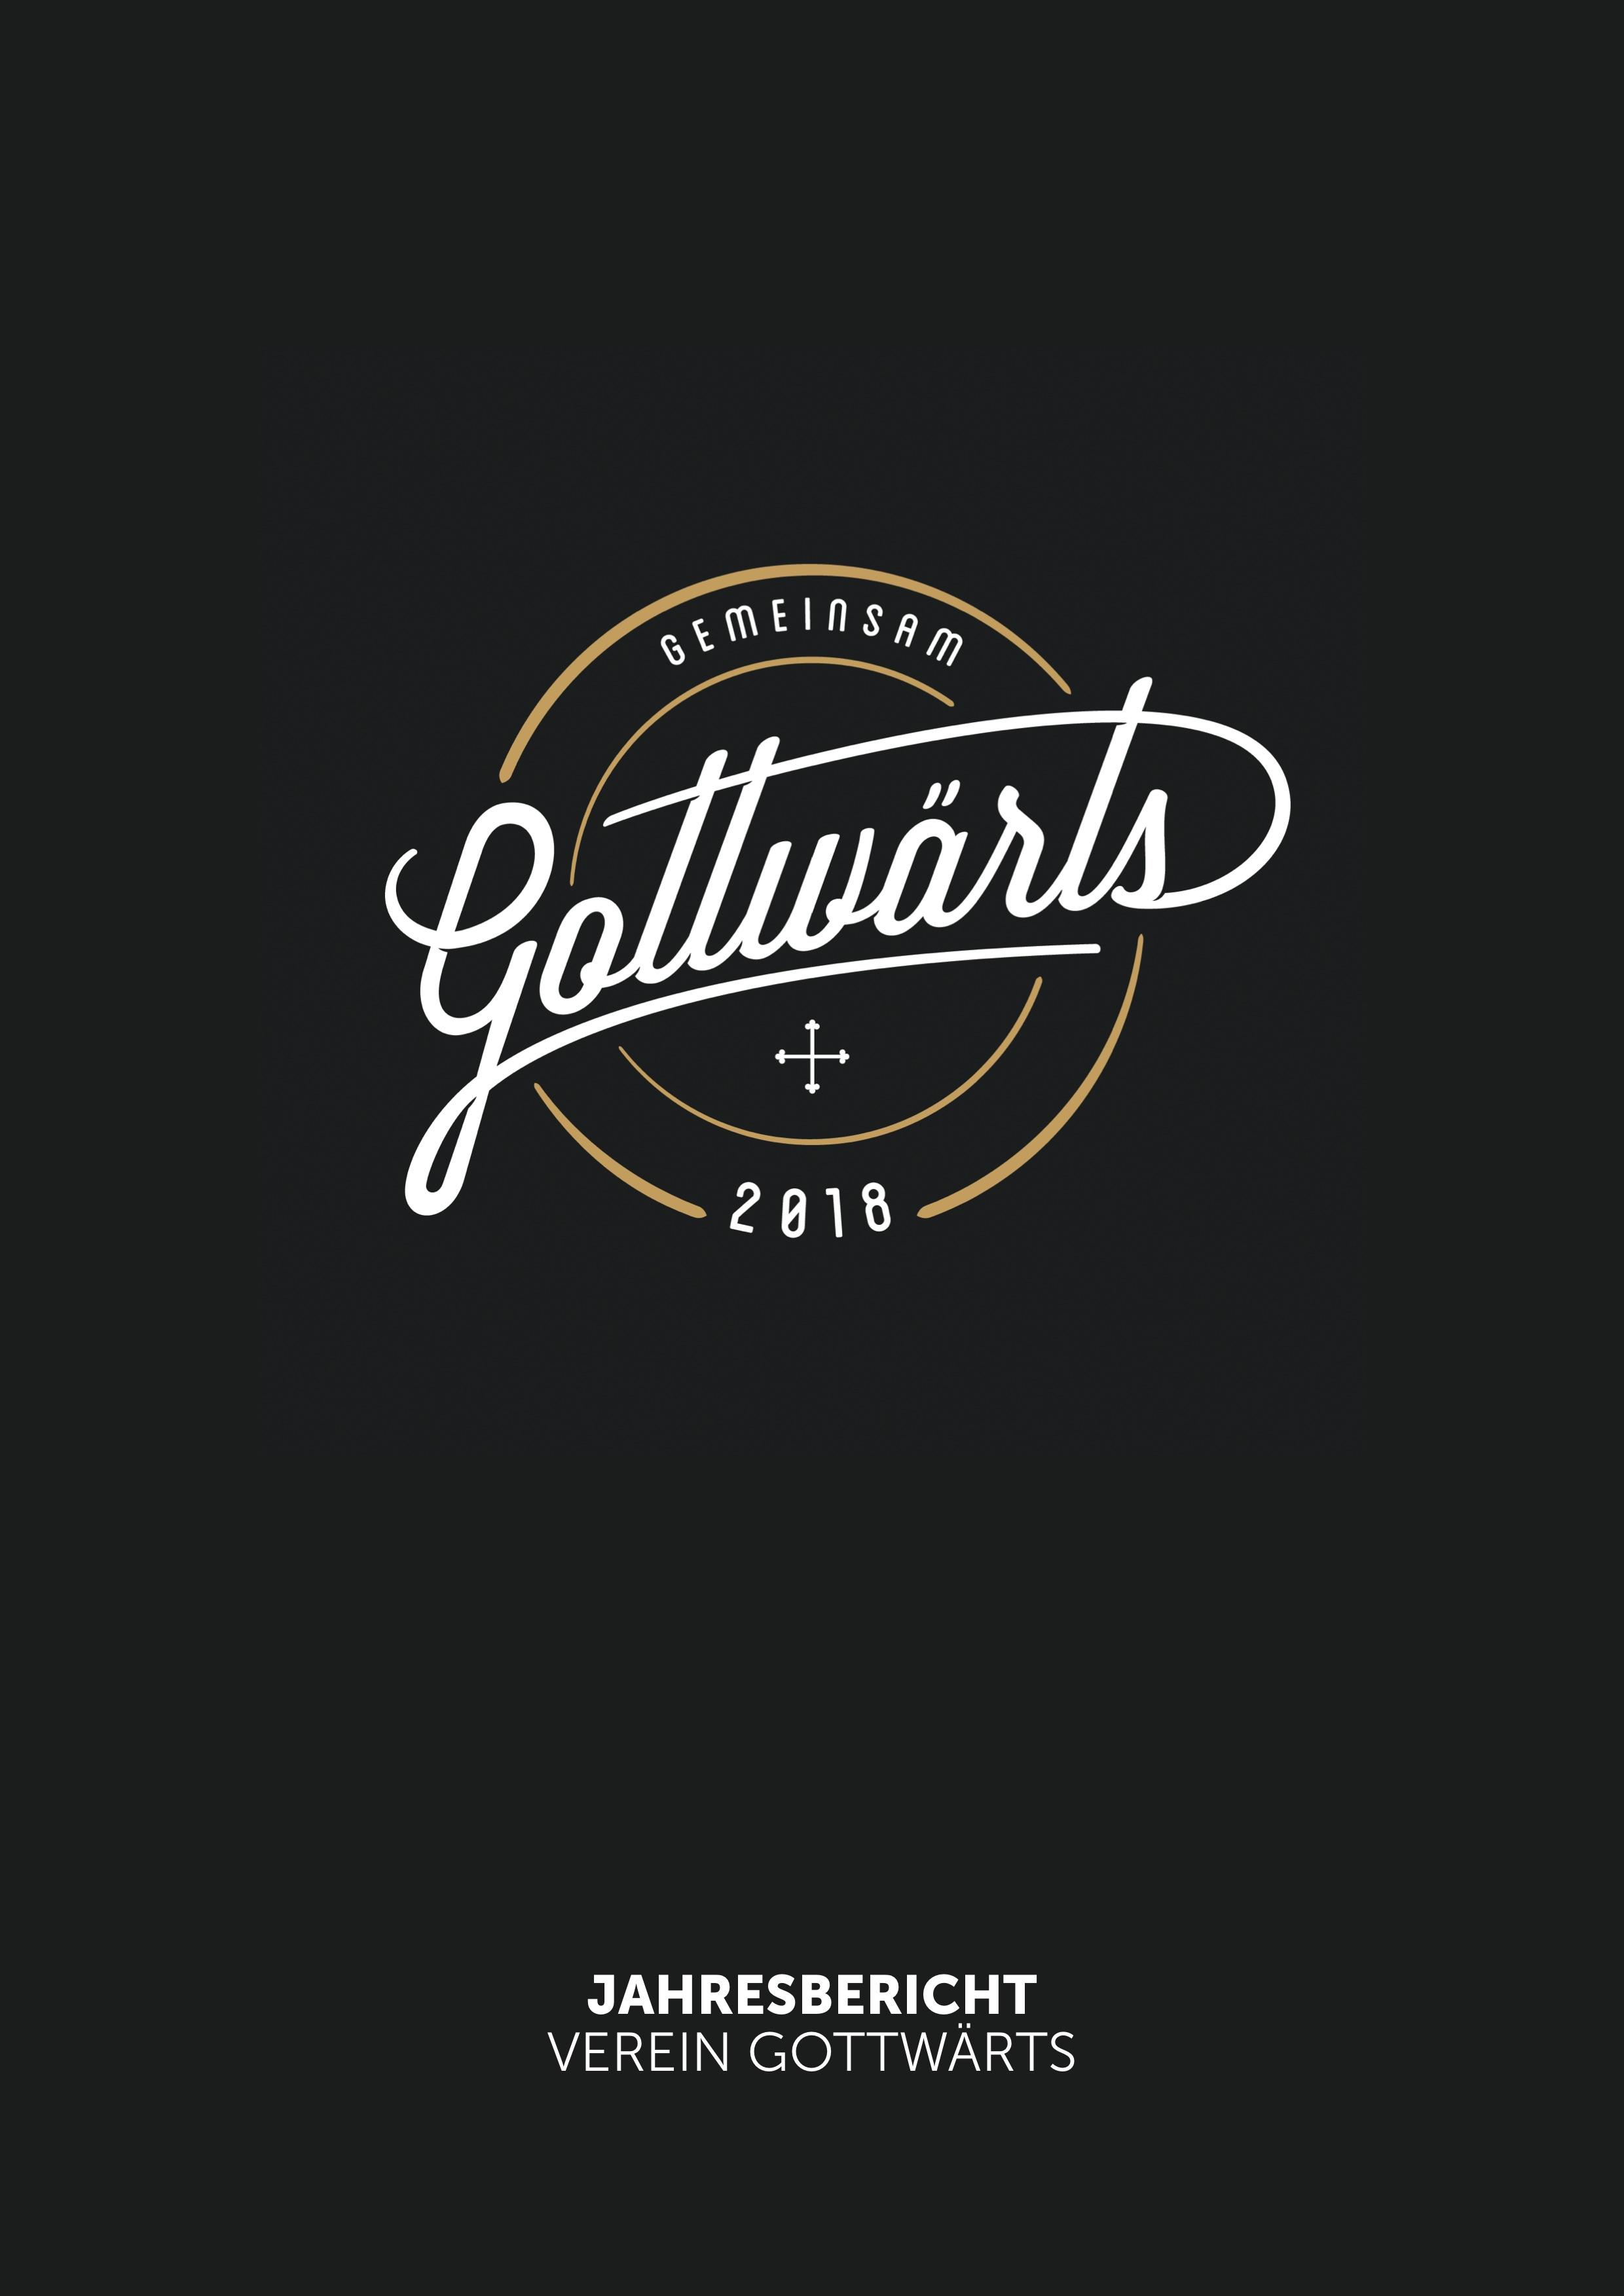 Jahresbericht 2018 - Zum öffnen auf Bild klicken